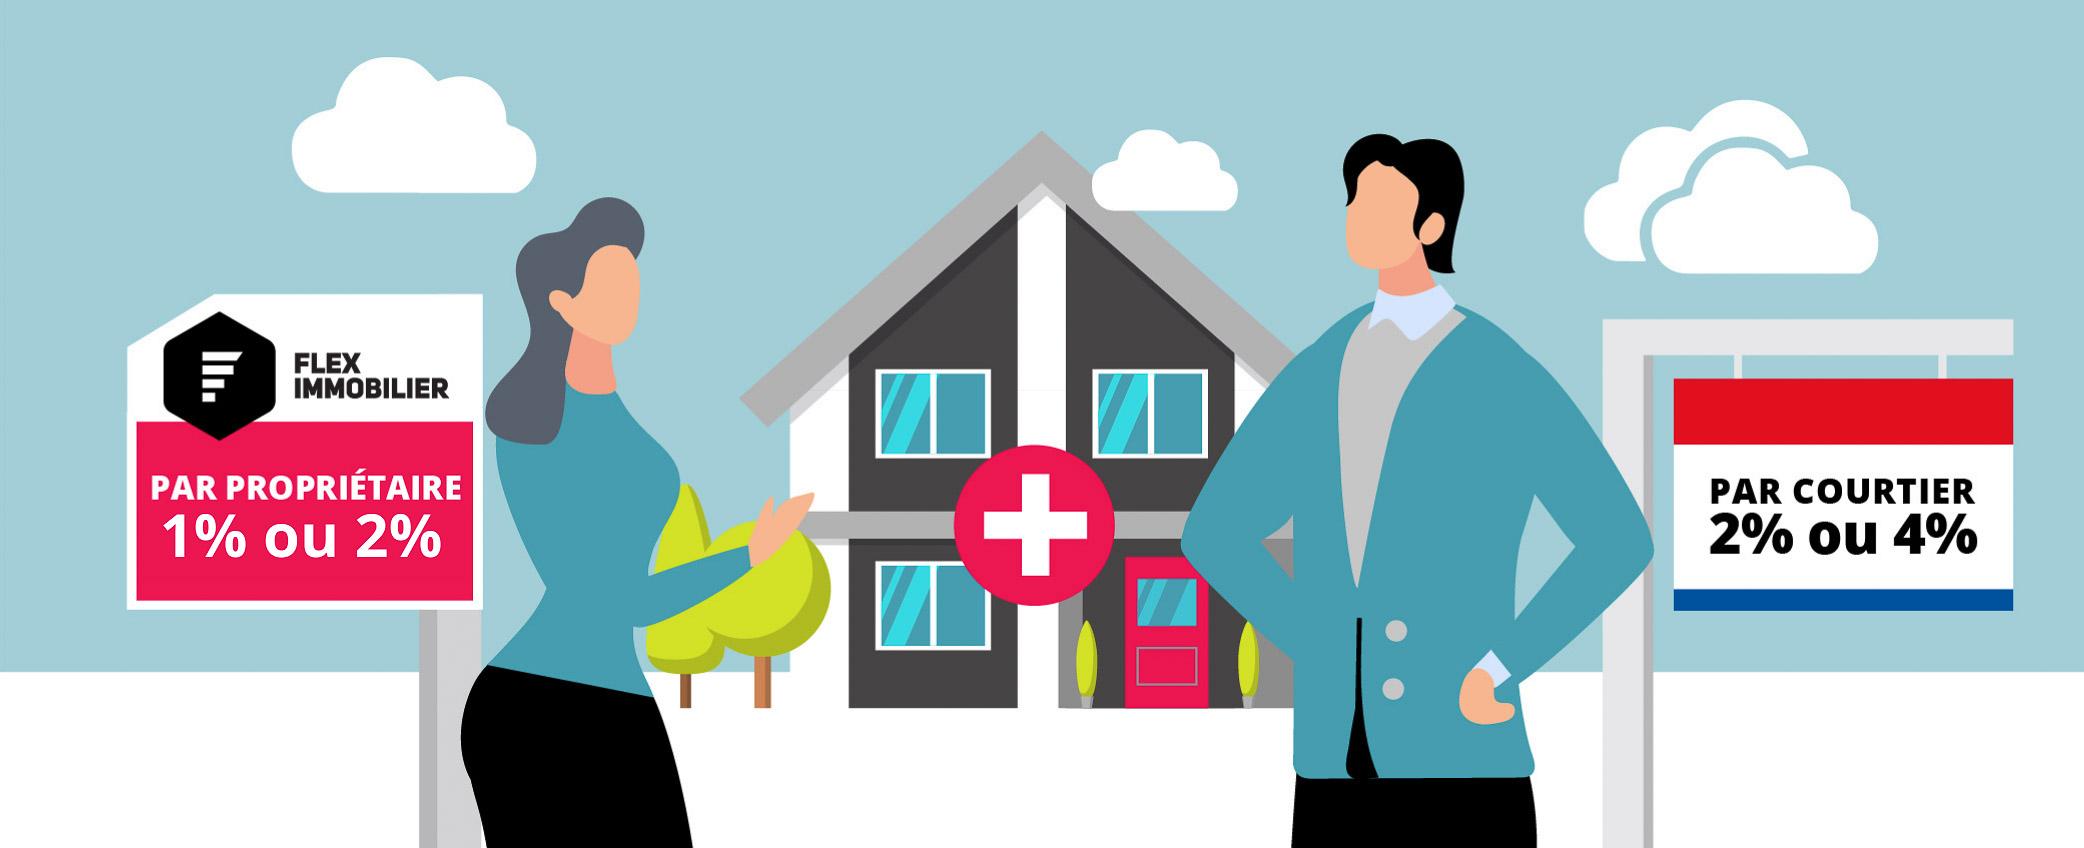 Forfait Hybride #1 de Flex Immobilier Maison à vendre ou à louer par propriétaire avec courtier